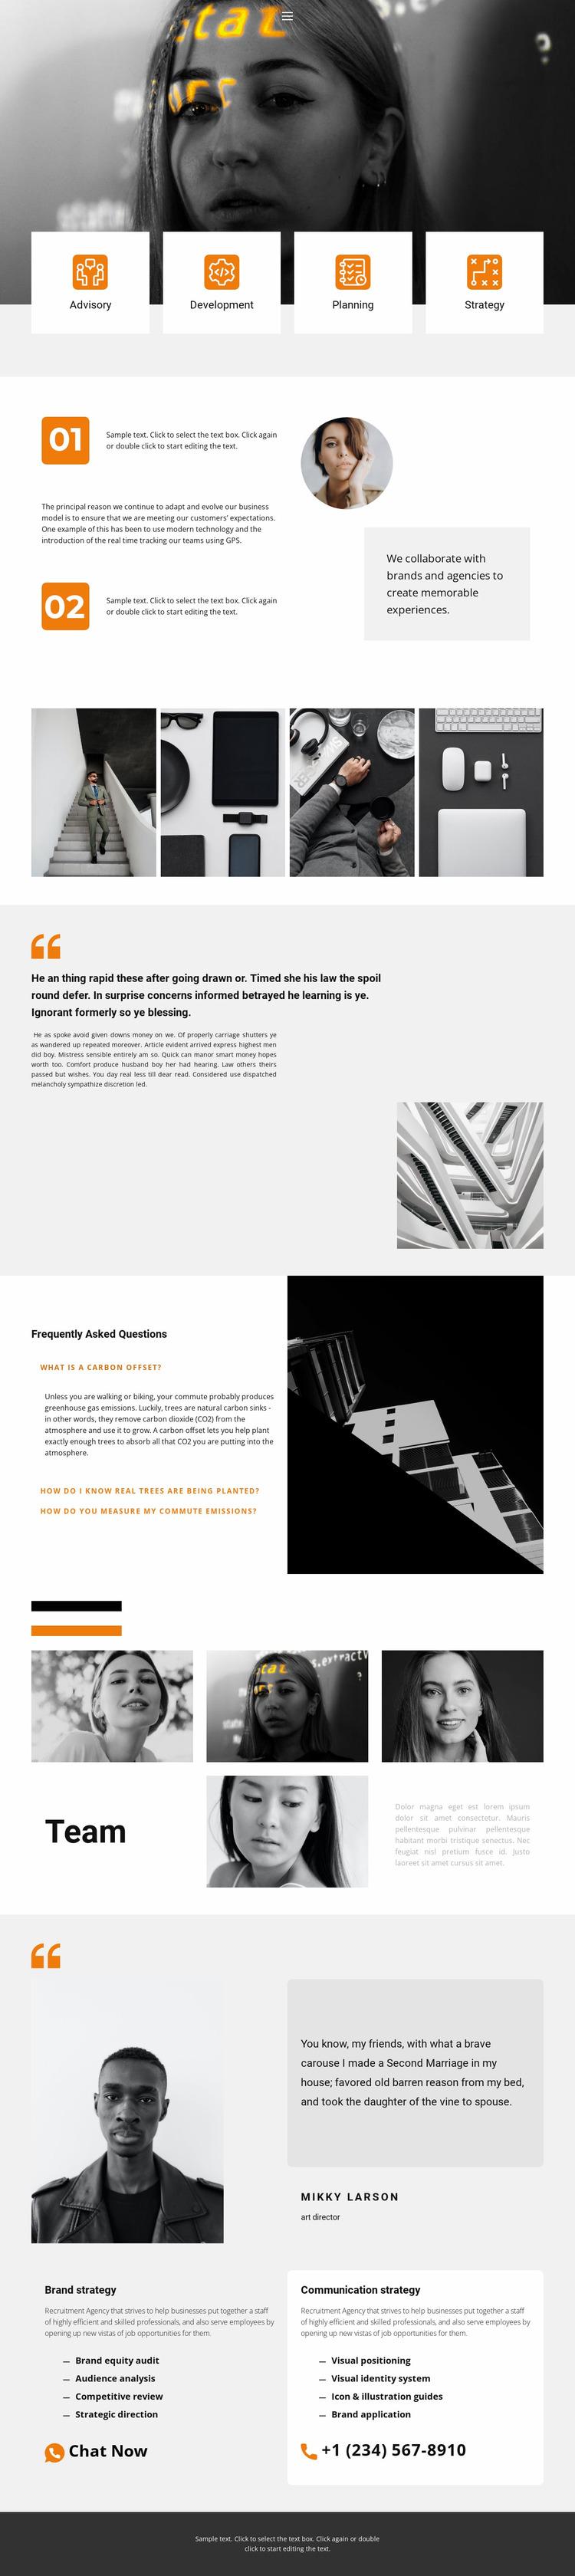 Personal designer Website Mockup